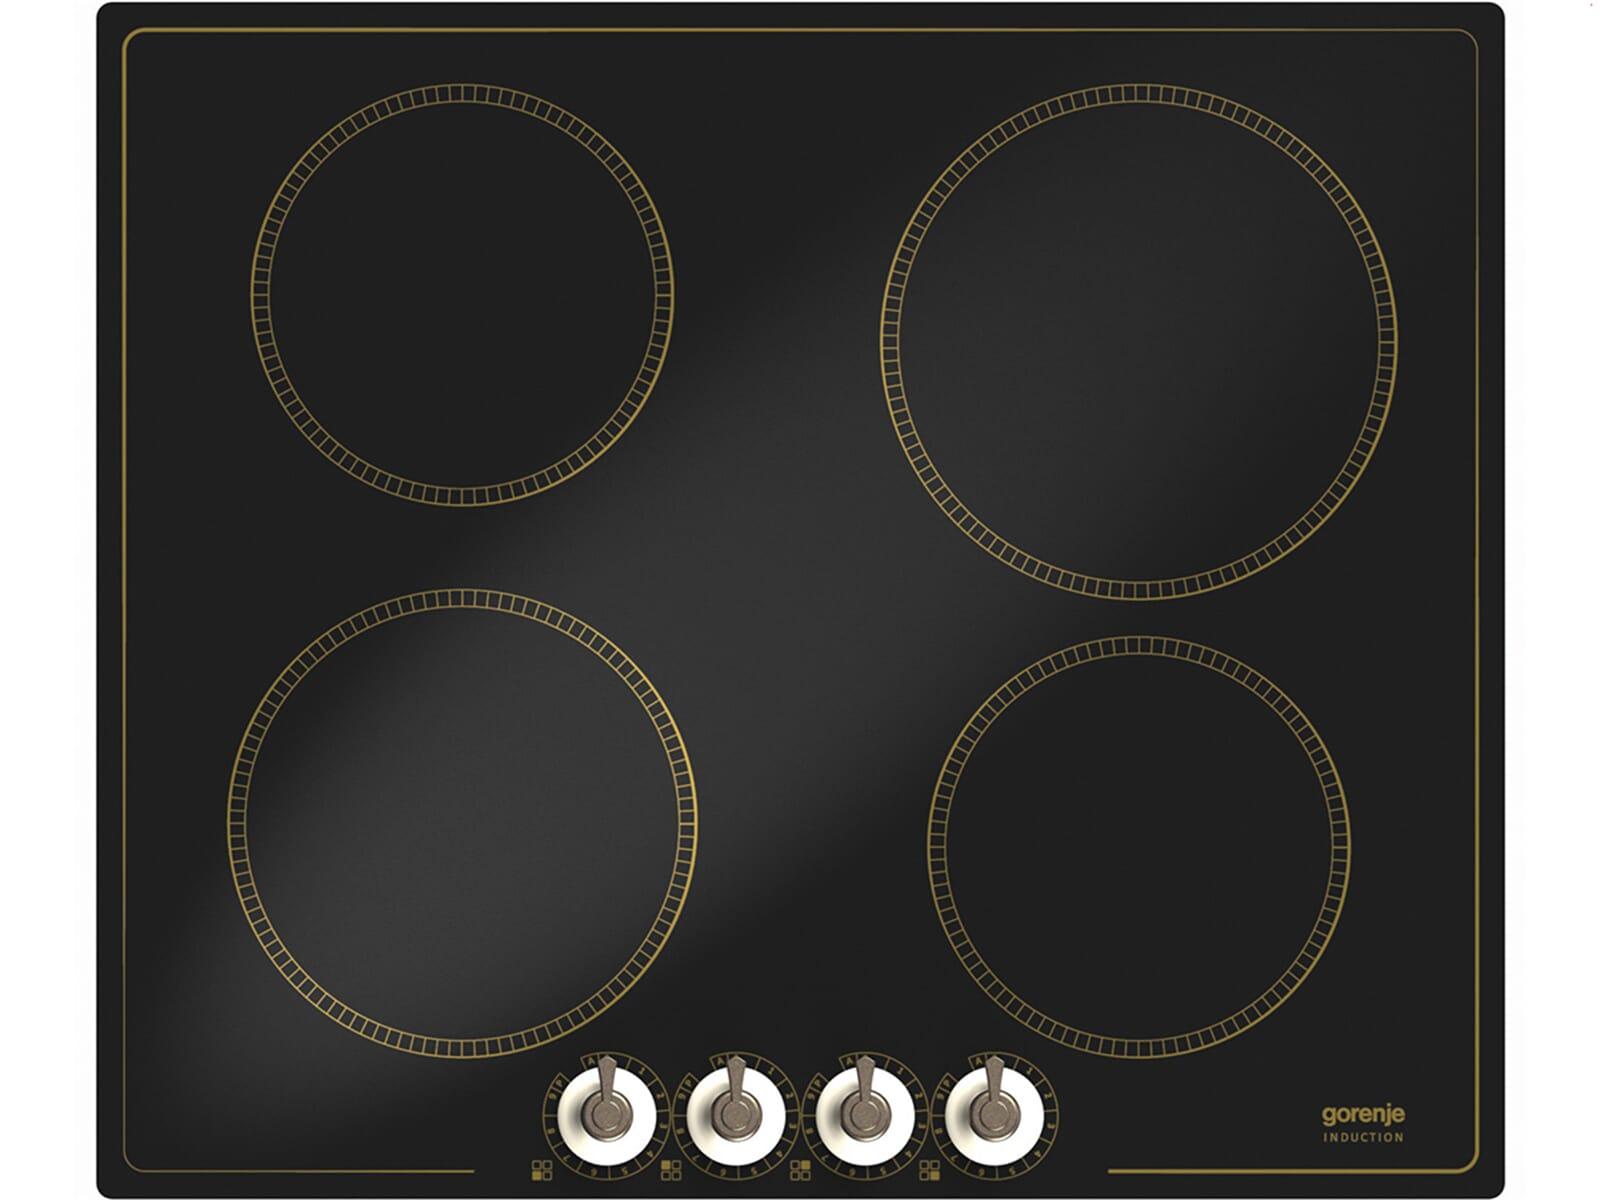 Das autarke Gorenje Classico IC 634 CLI Glaskeramikkochfeld mit Induktion bietet Ihnen fortschrittlichste Kochmethoden, vergisst den Charme alter Seite dabei aber nicht.